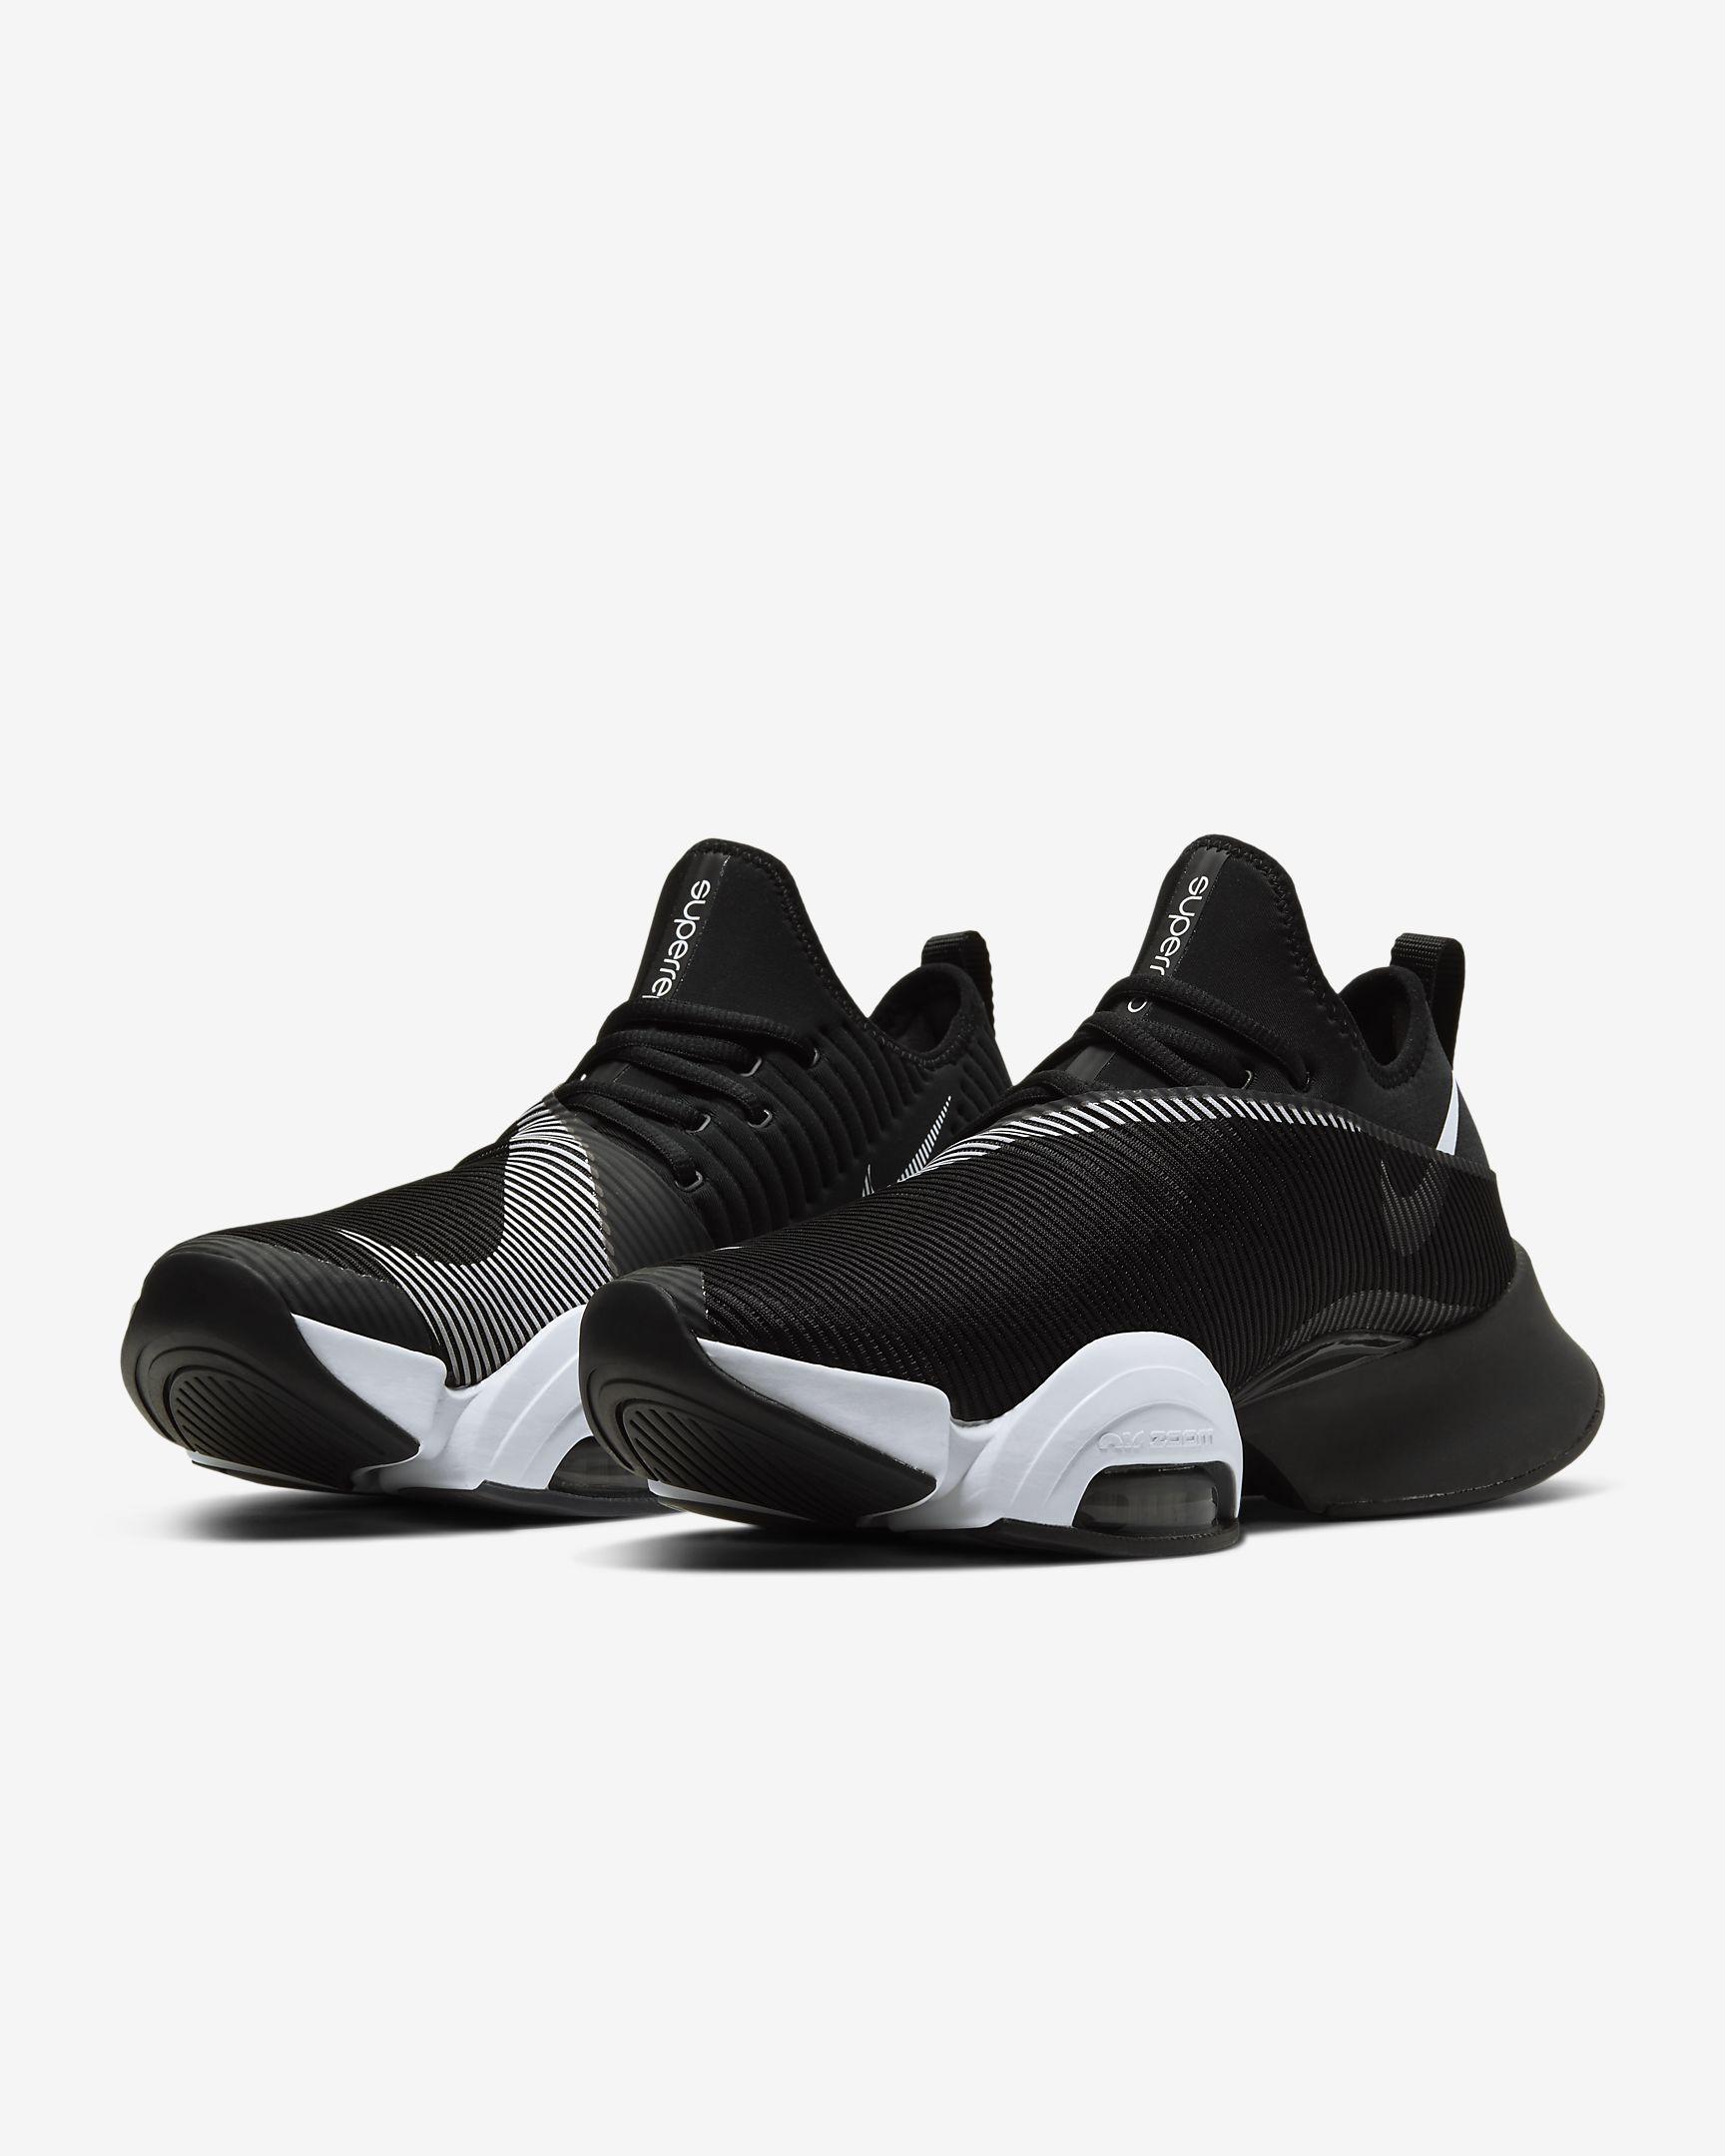 Nike 耐克 Air Zoom SuperRep 男子训练鞋 凑单折后¥463.2包邮